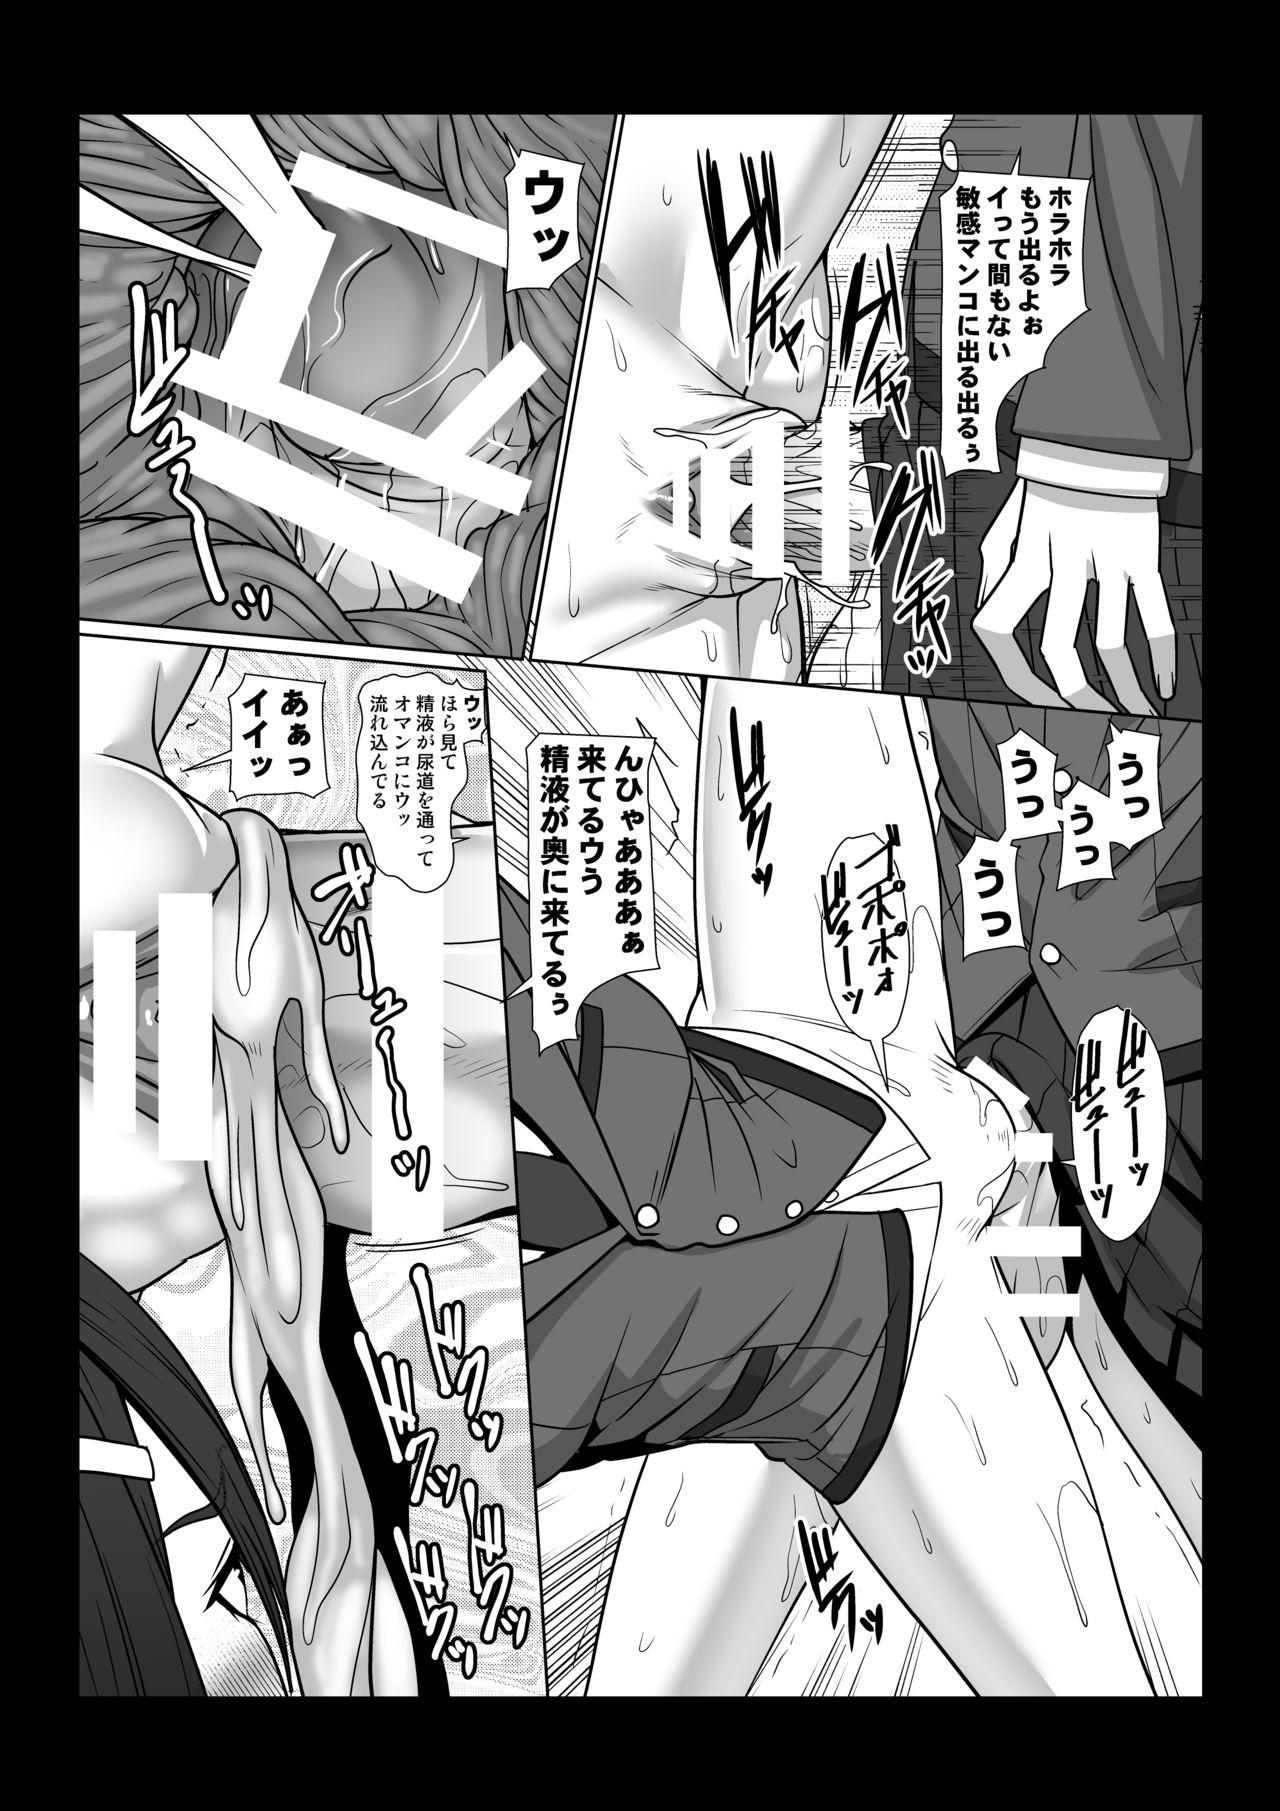 Boku no Chikara 16